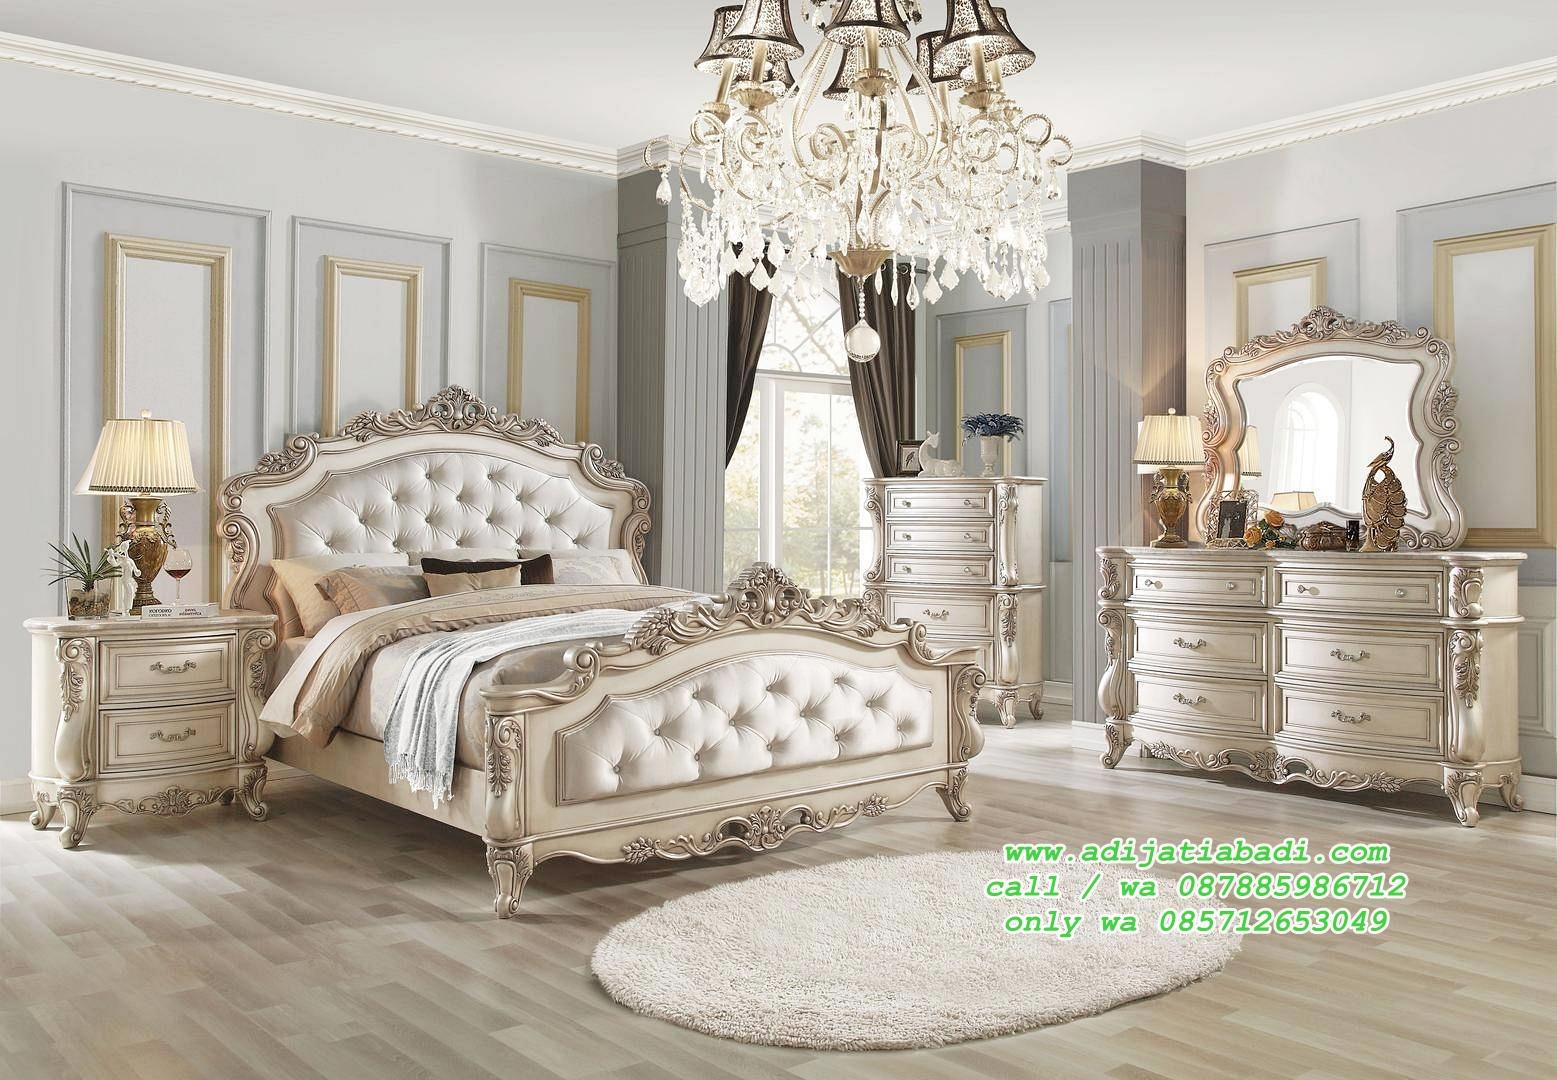 set tempat tidur klasik, desain kamar tidur klasik, set tempat tidur mewah, model tempat tidur minimalis moderen, harag tempat tidur mewah, model tempat tidur mewah terbaru, set tempat tidur klasik, kamar tidur, set kamar tidur, set tempat tidur, tempat tidur, desain kamar set, kamar tidur utama, set kamar mewah, set kamar tidur utama, tempat tidur mewah, tempat tidur ukir, tempat tidur klasik, desain set kamar tidur mewah.